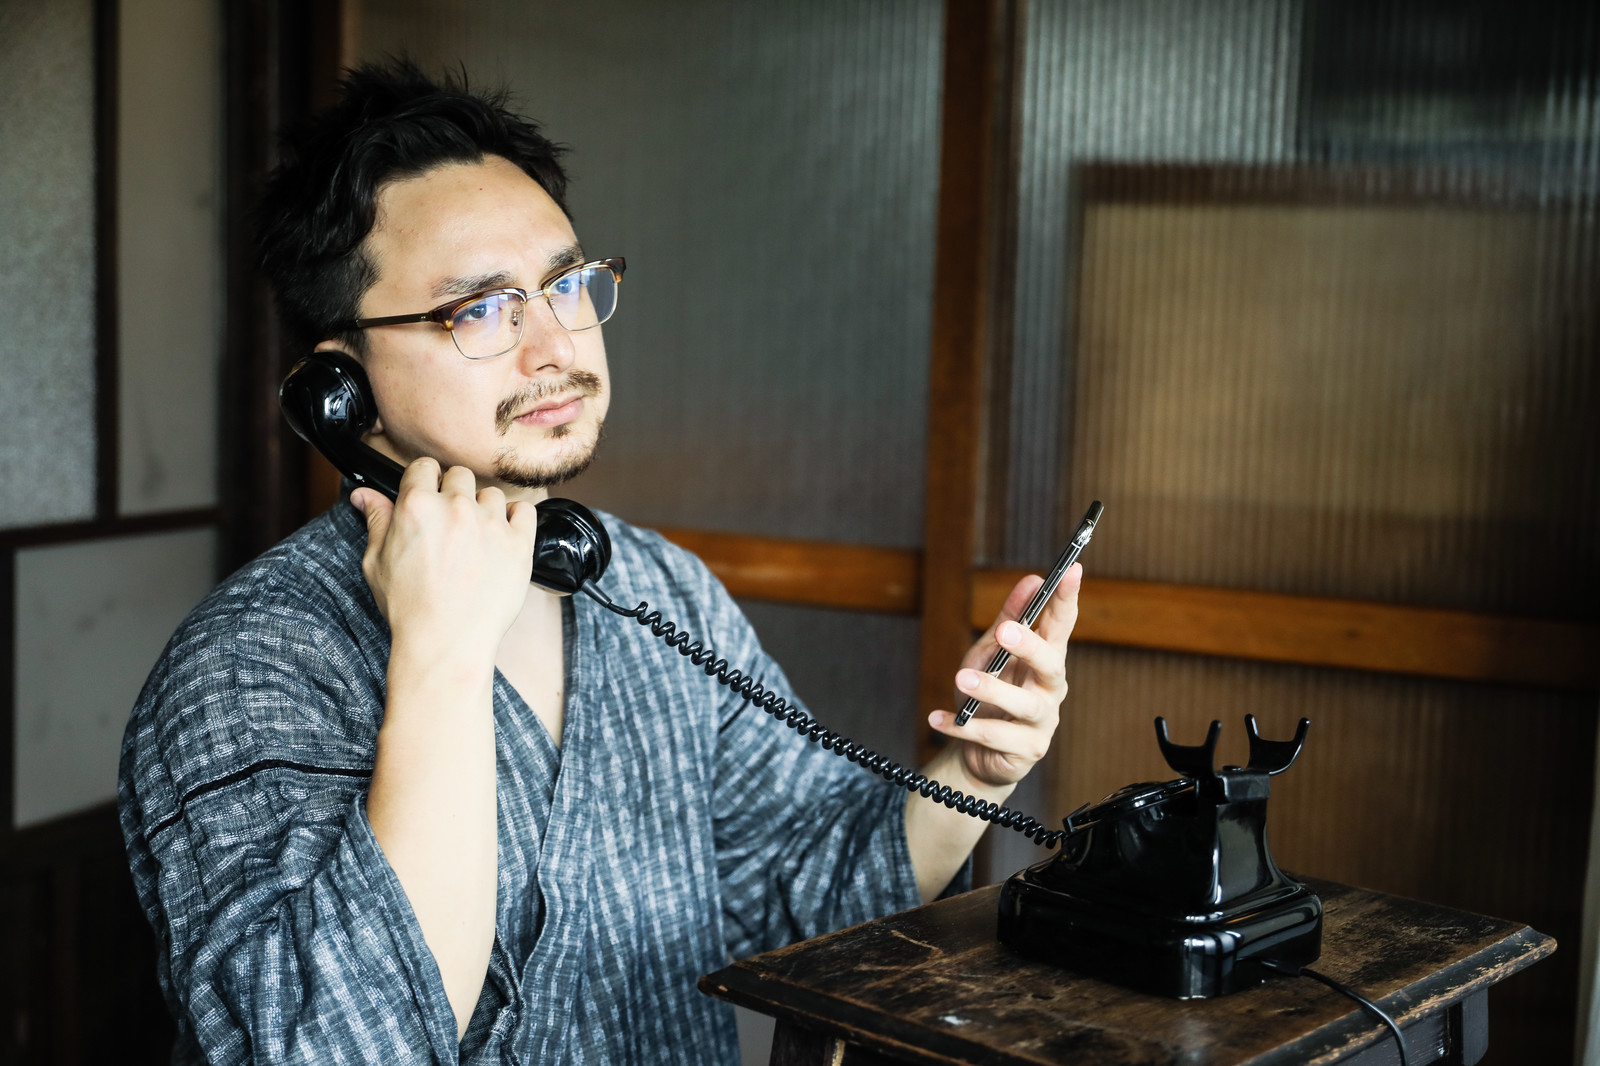 「スマホで連絡先を確認しながら黒電話を使う外国人観光客」の写真[モデル:Max_Ezaki]